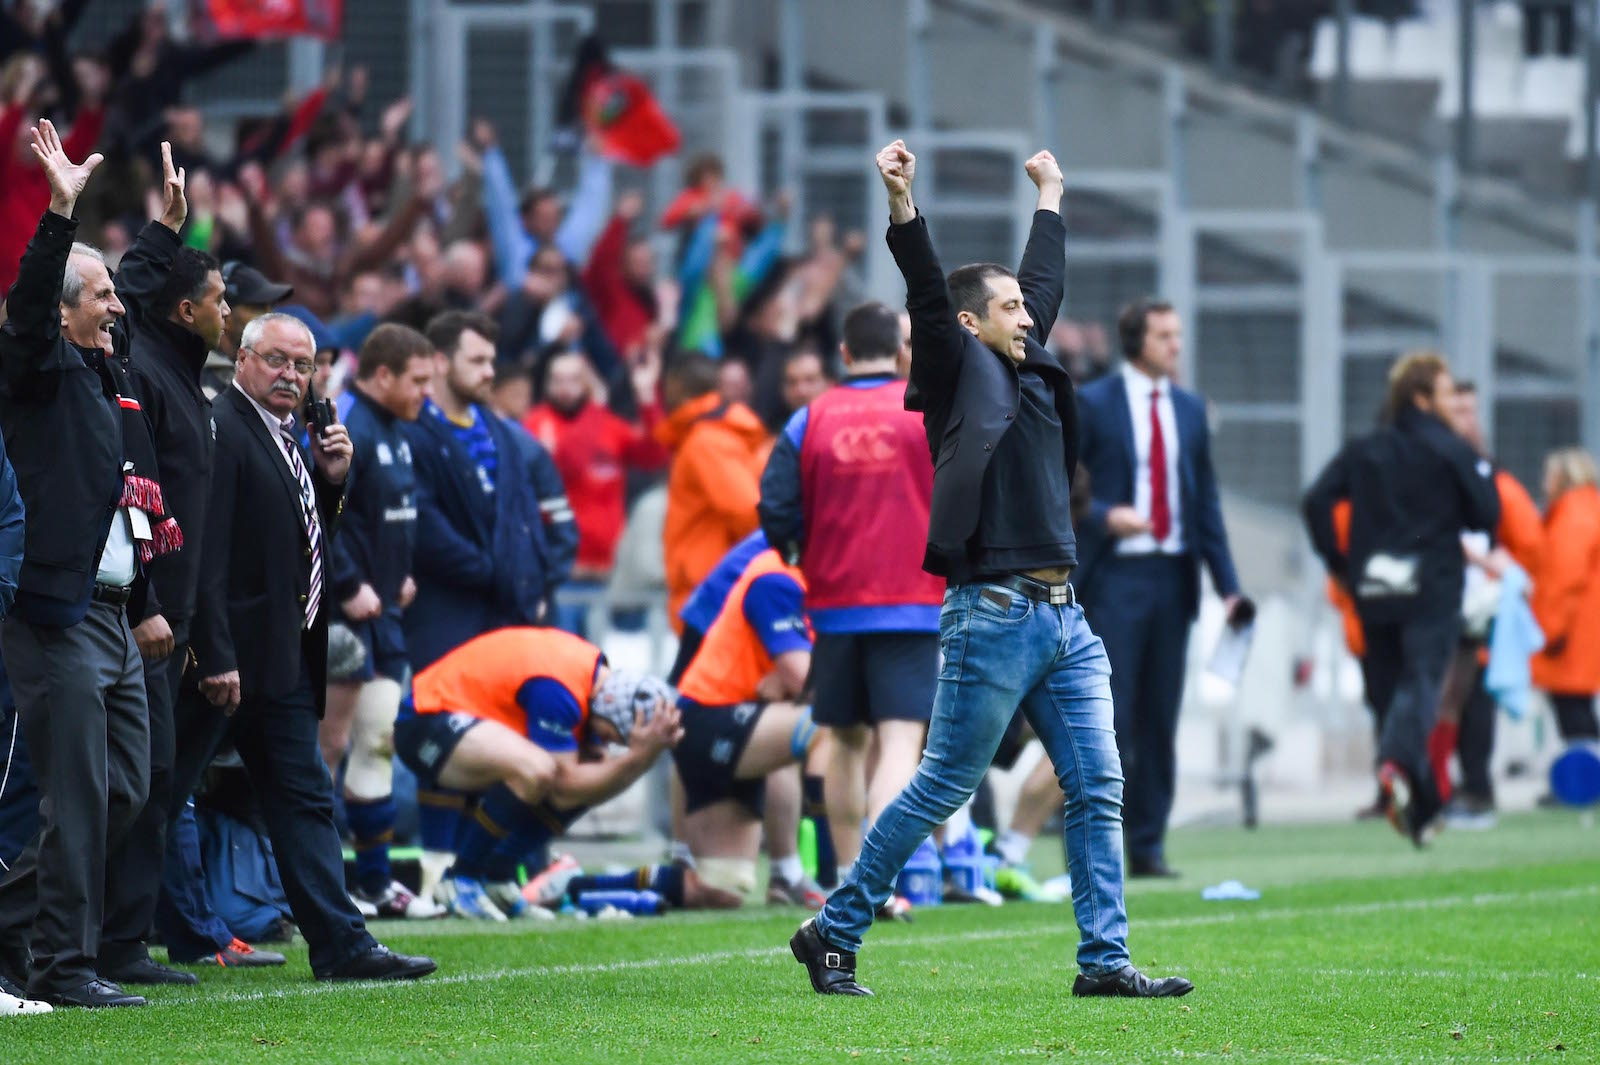 La joie de Mourad Boudjellal, en 1/2 finale face à Leinster, au Stade Vélodrome.